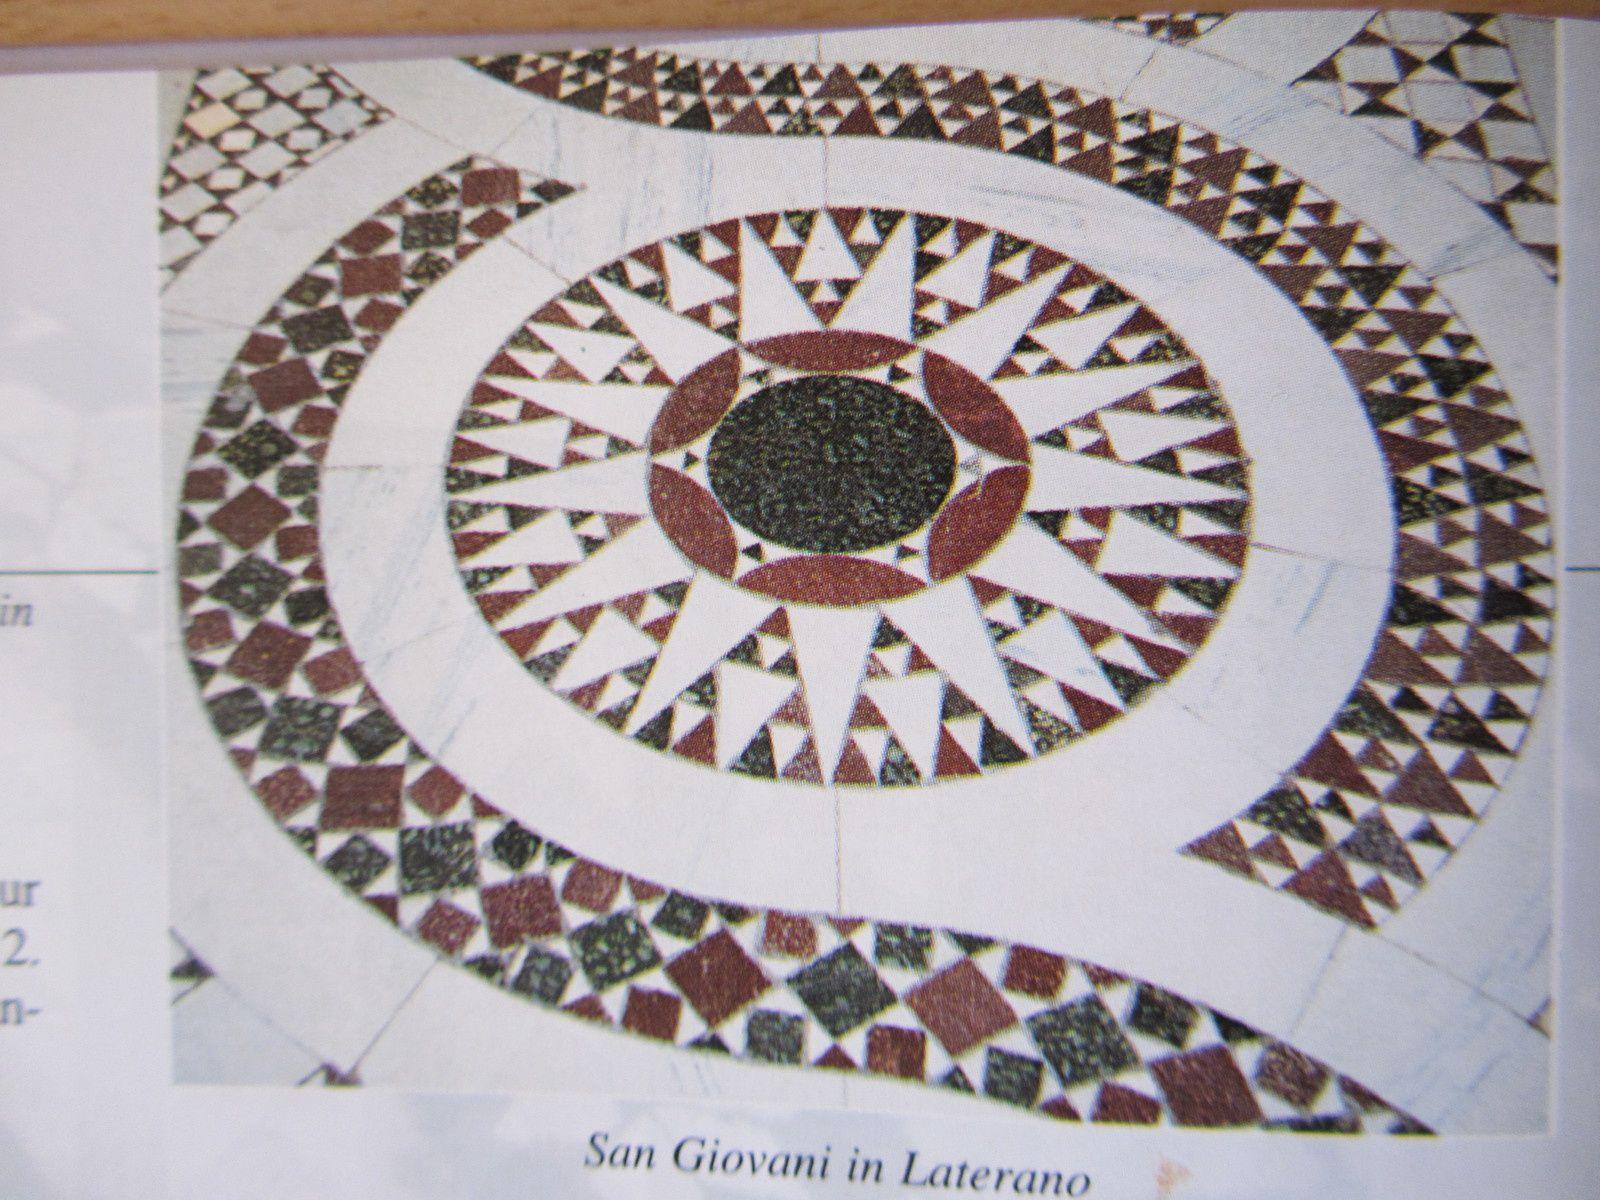 A partir de photos des pavements des églises de Rome, les auteurs ont réalisés des patchworks.